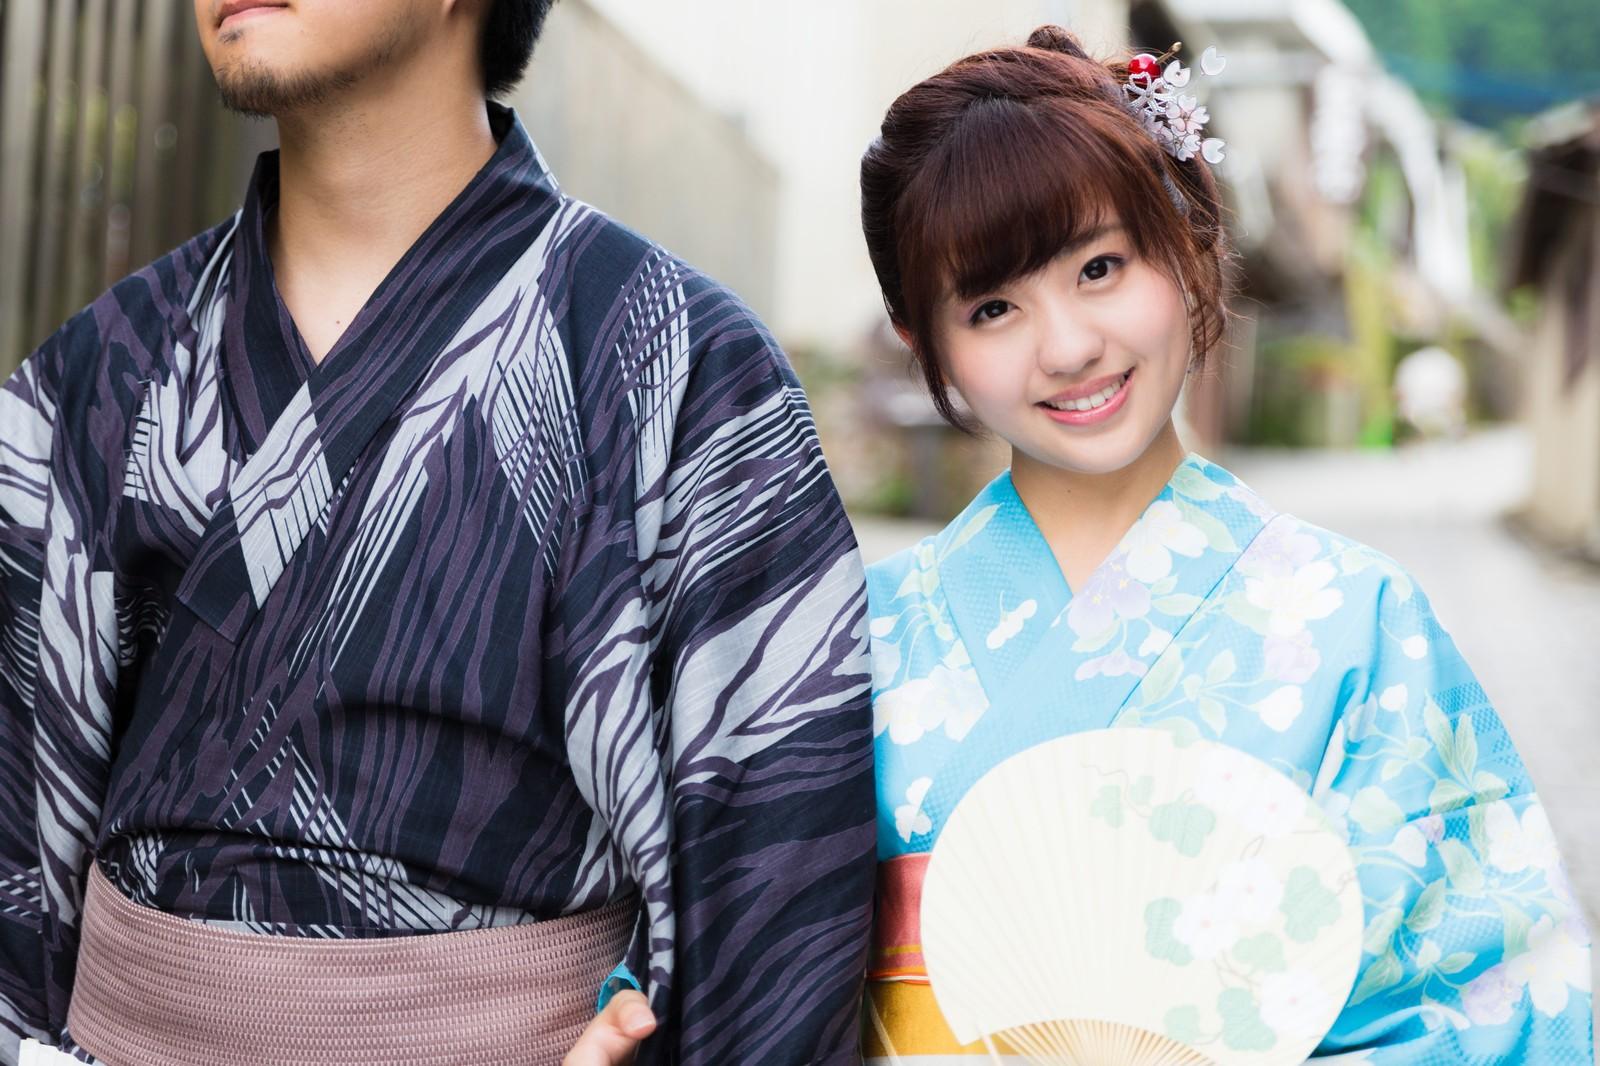 東京湾納涼船の浴衣カップル